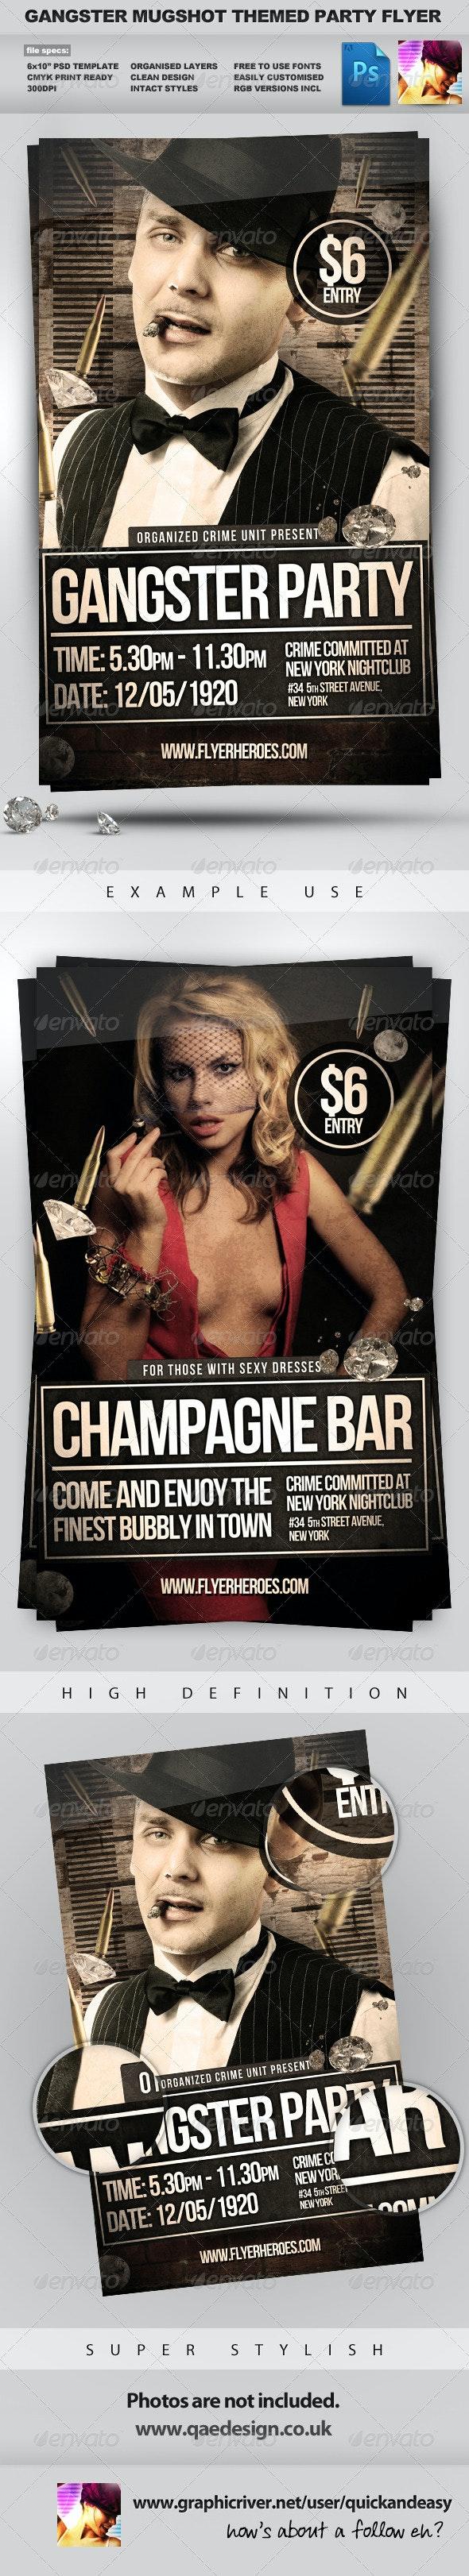 Gangster Mugshot - Crime / Mugshot Style Flyer - Clubs & Parties Events